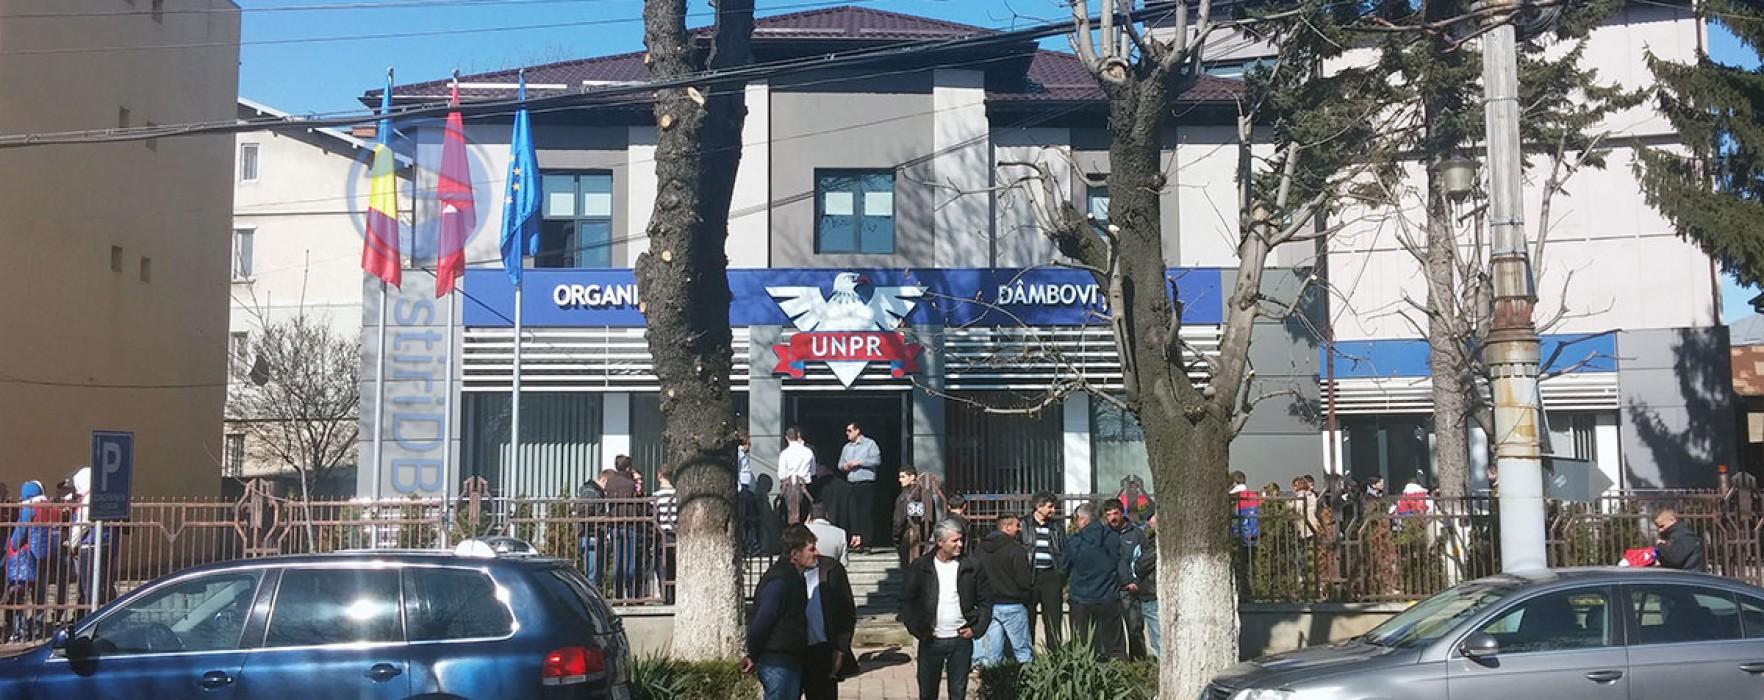 Preşedintele UNPR, Gabriel Oprea, a inaugurat, la Târgovişte, cel mai mare sediu al partidului din ţară